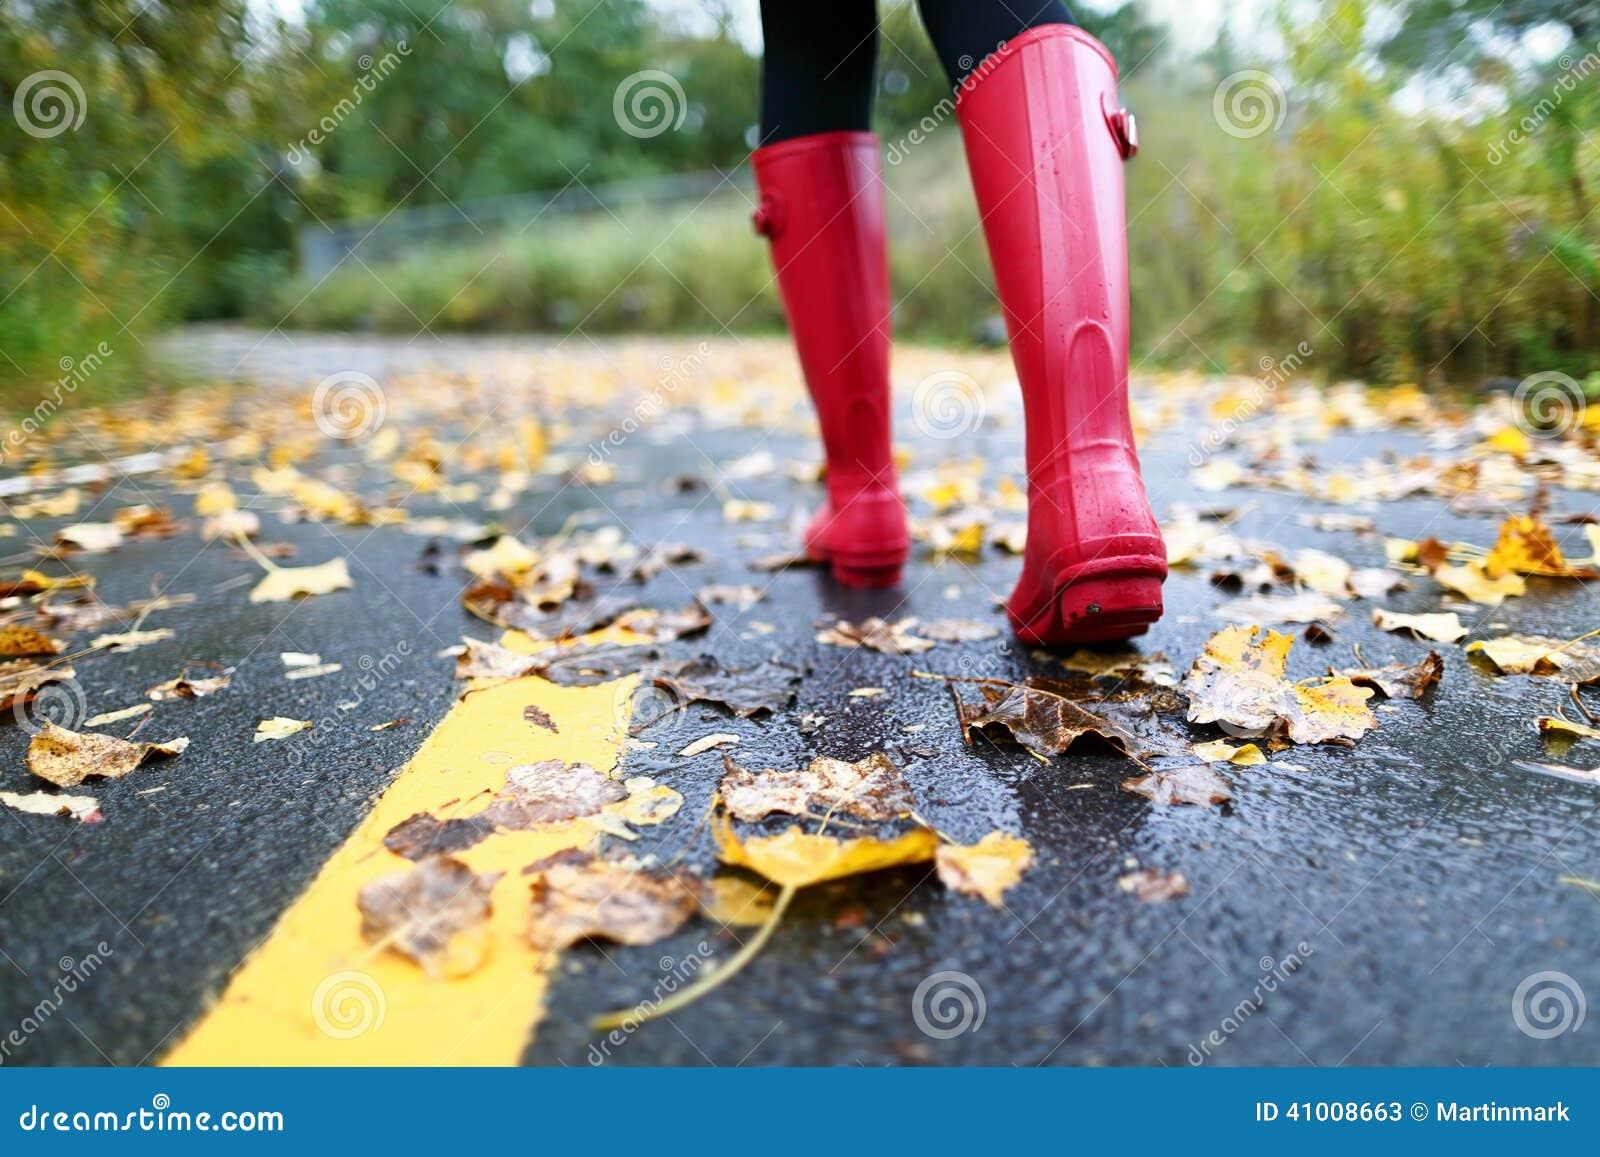 De herfstdaling met kleurrijke bladeren en regenlaarzen